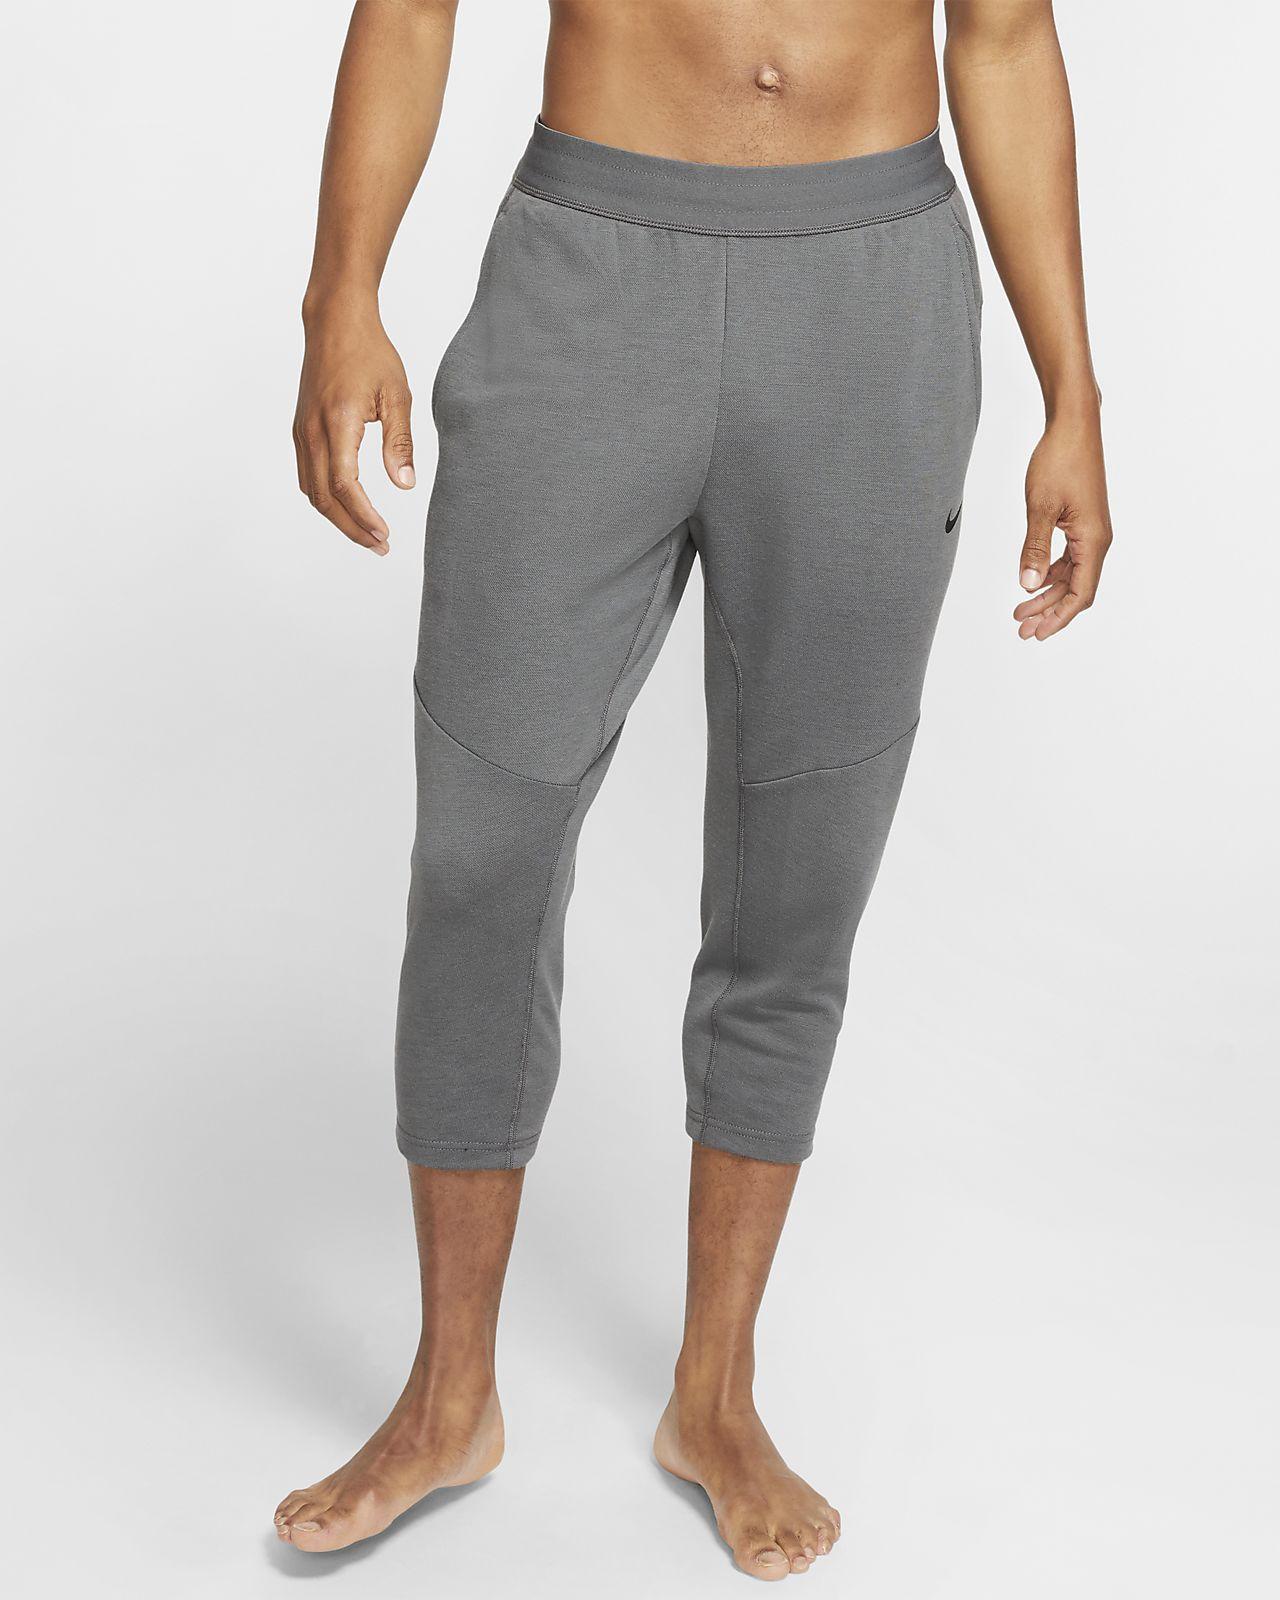 Nike Yoga Dri-FIT Men's 3/4 Pants